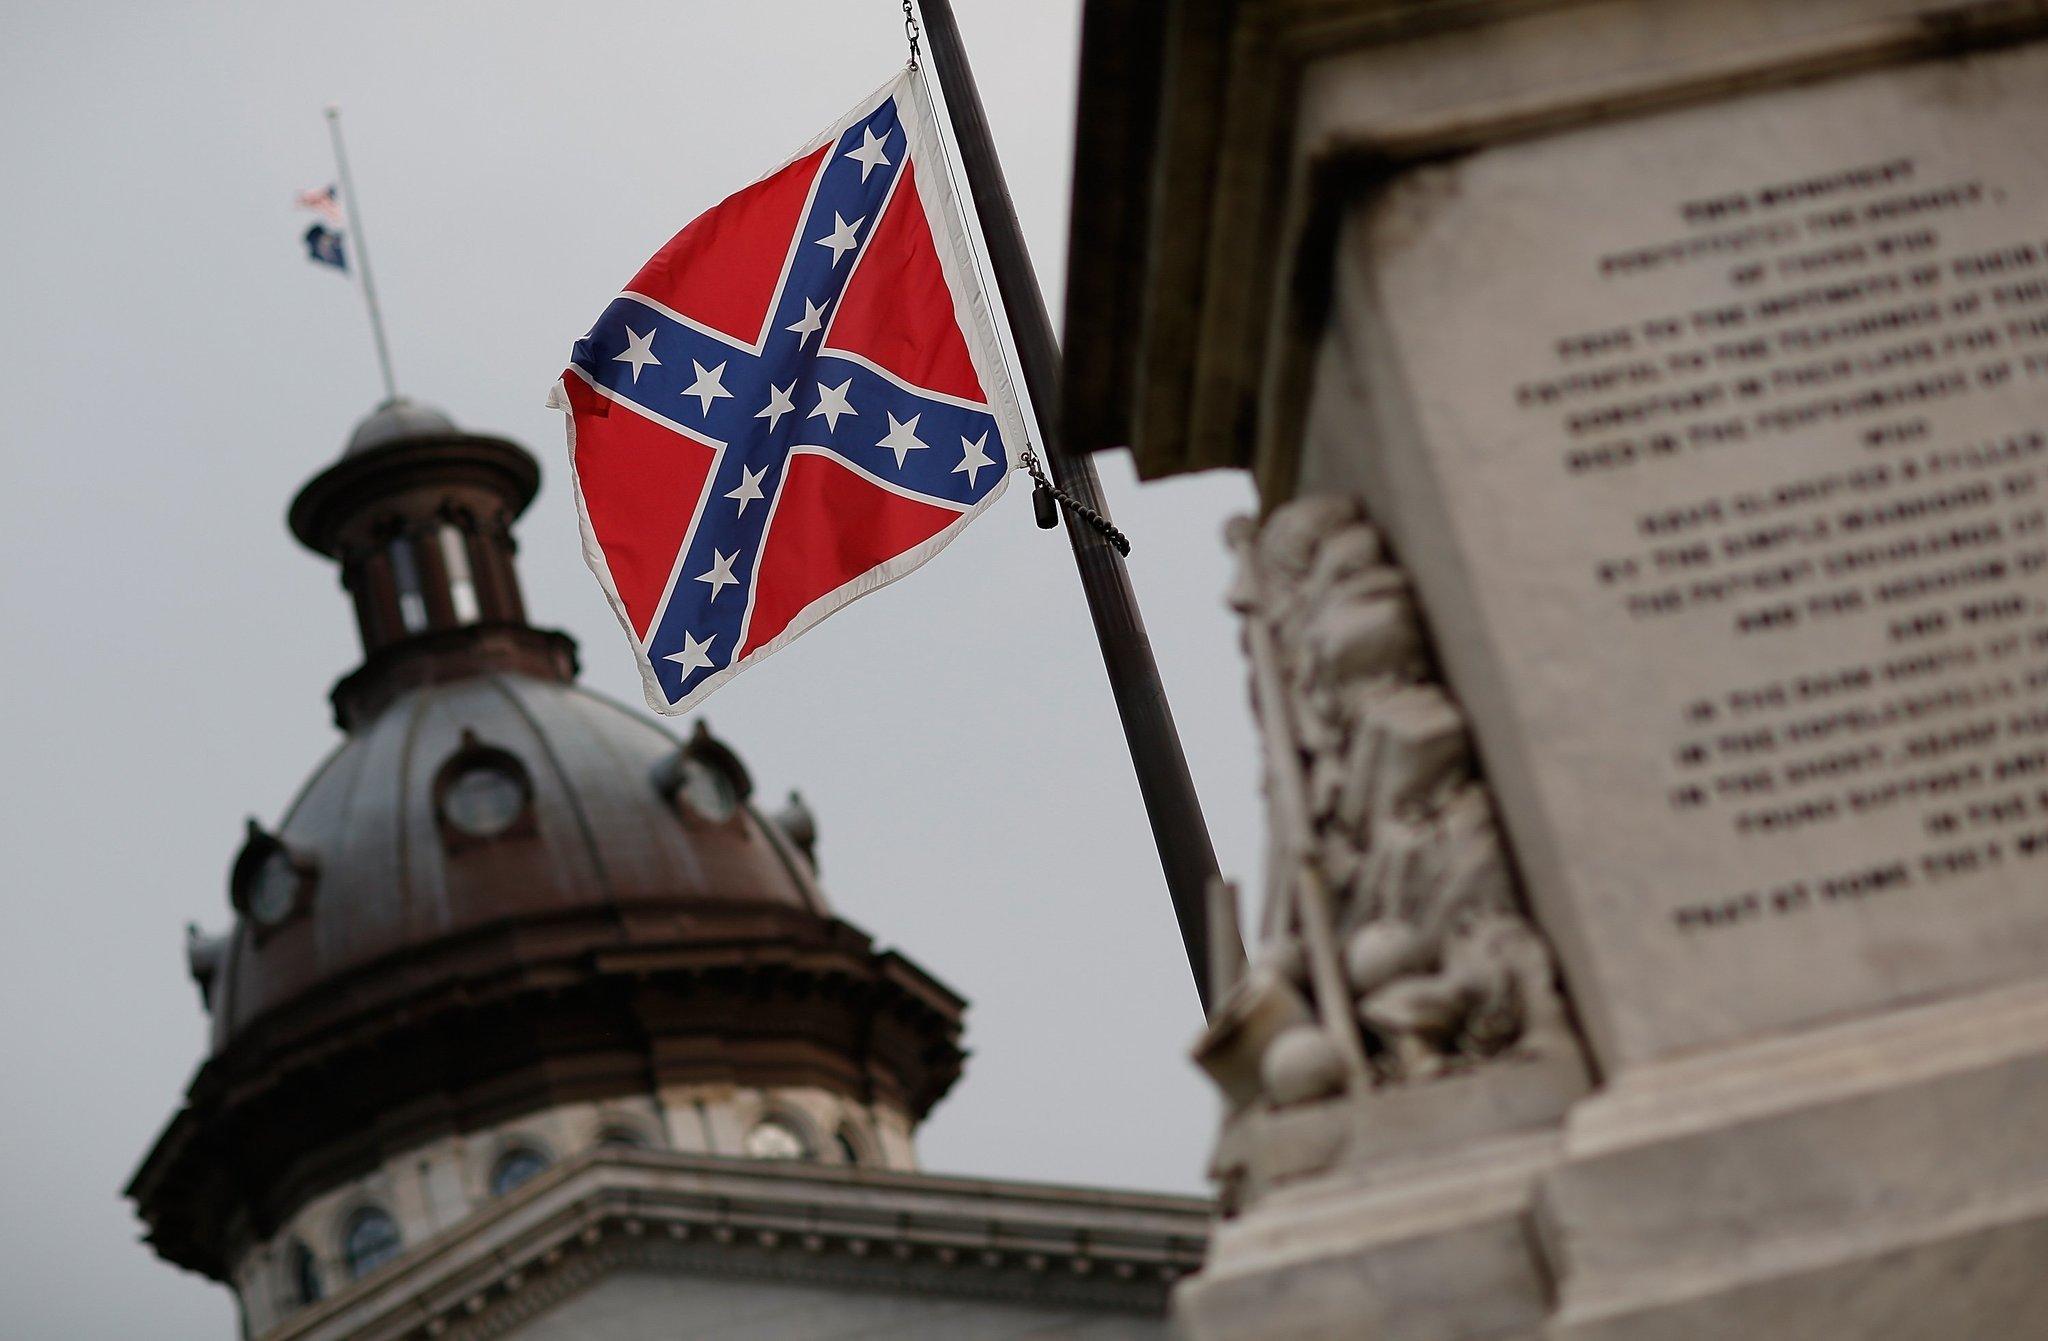 confederate flag represents south no more than mexico u0027s represents